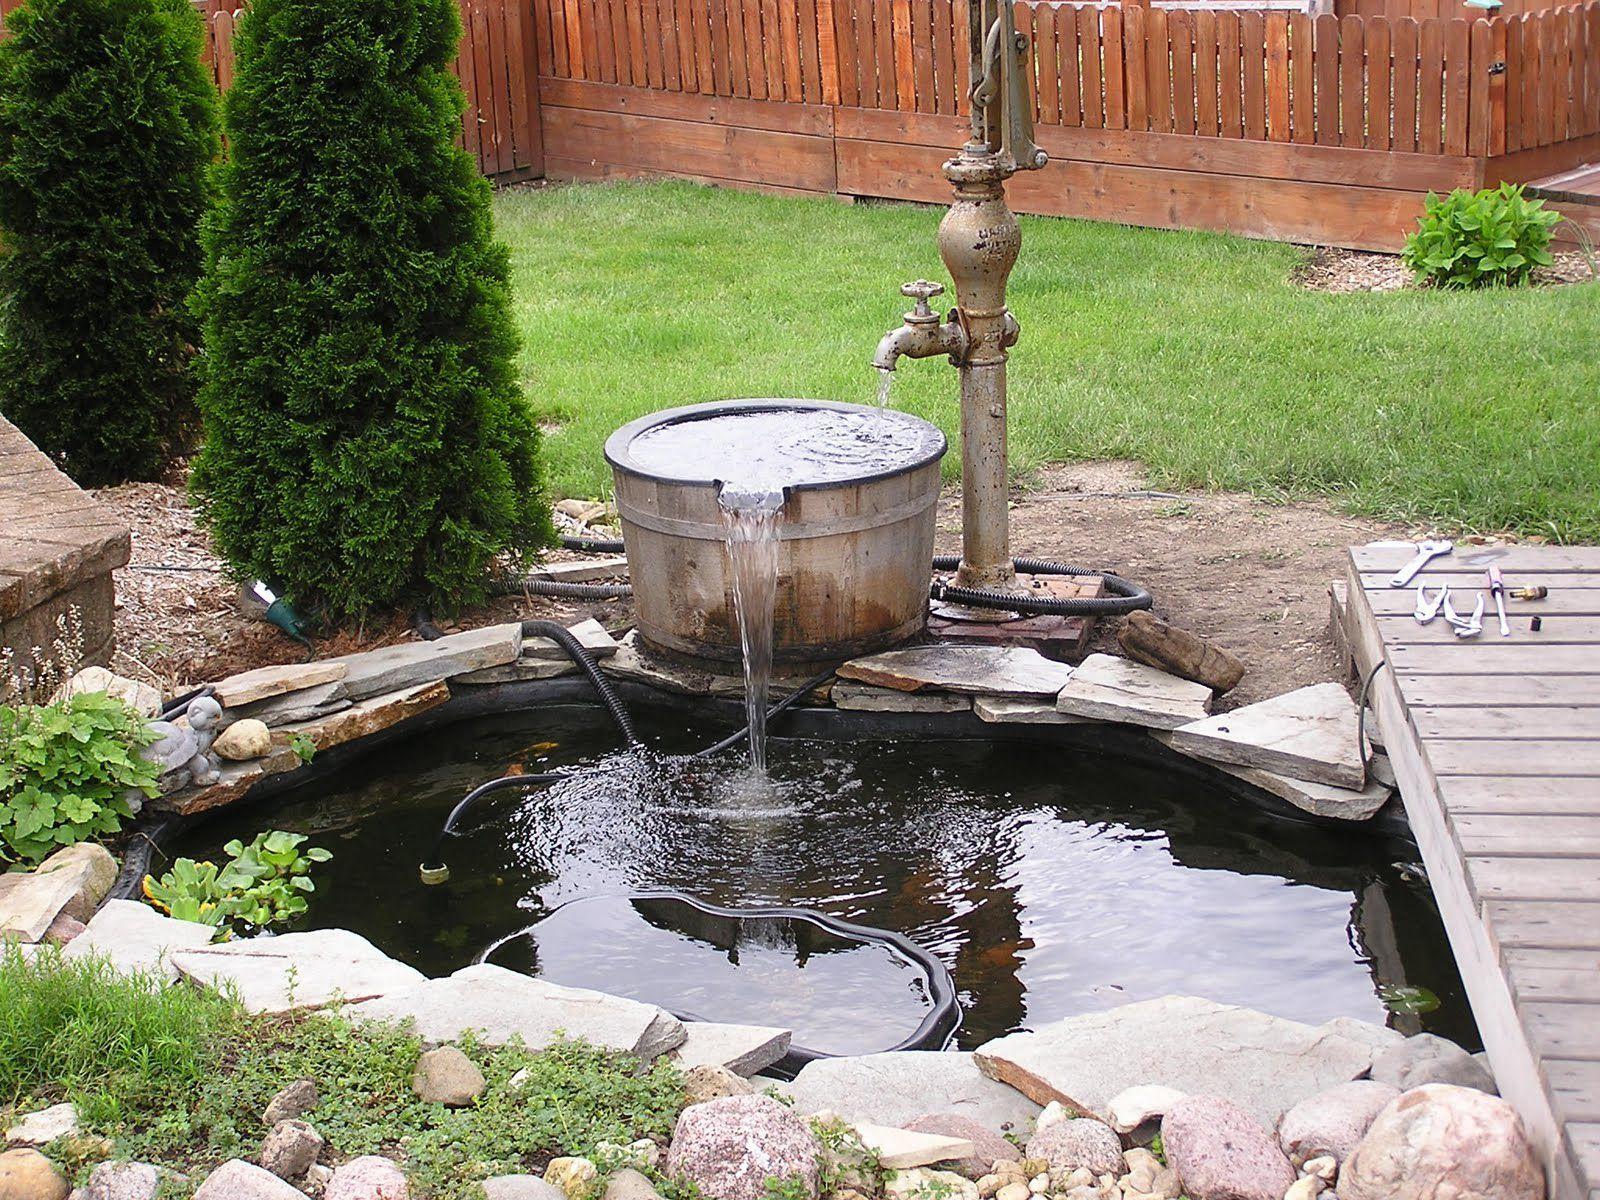 1 2 Wine Barrel Fountain Old Fashion Water Pump Startafireinwetweather Yard Water Fountains Garden Water Fountains Backyard Water Fountains